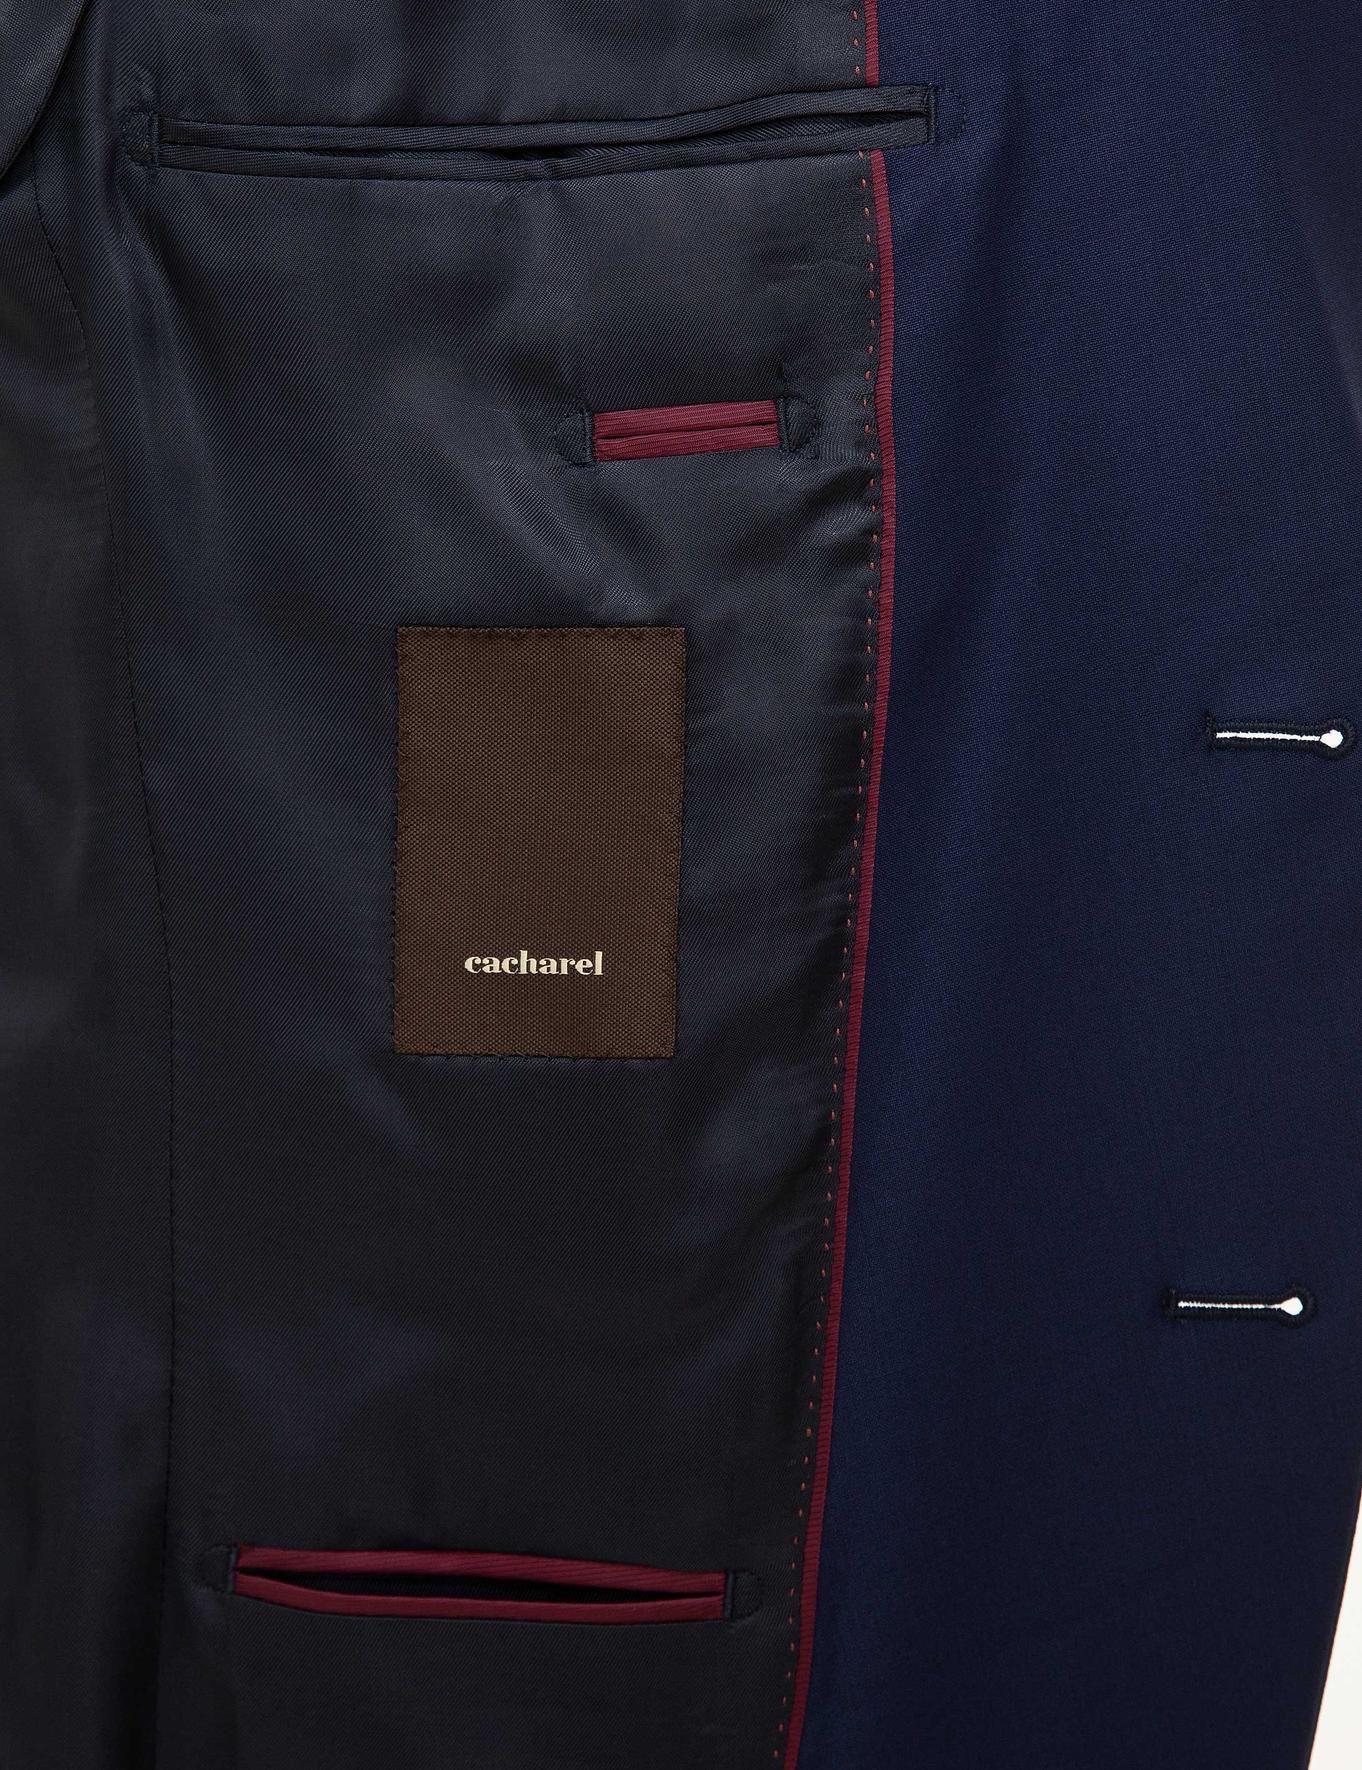 Lacivert Ex. Slim Fit Takım Elbise - 50225707020